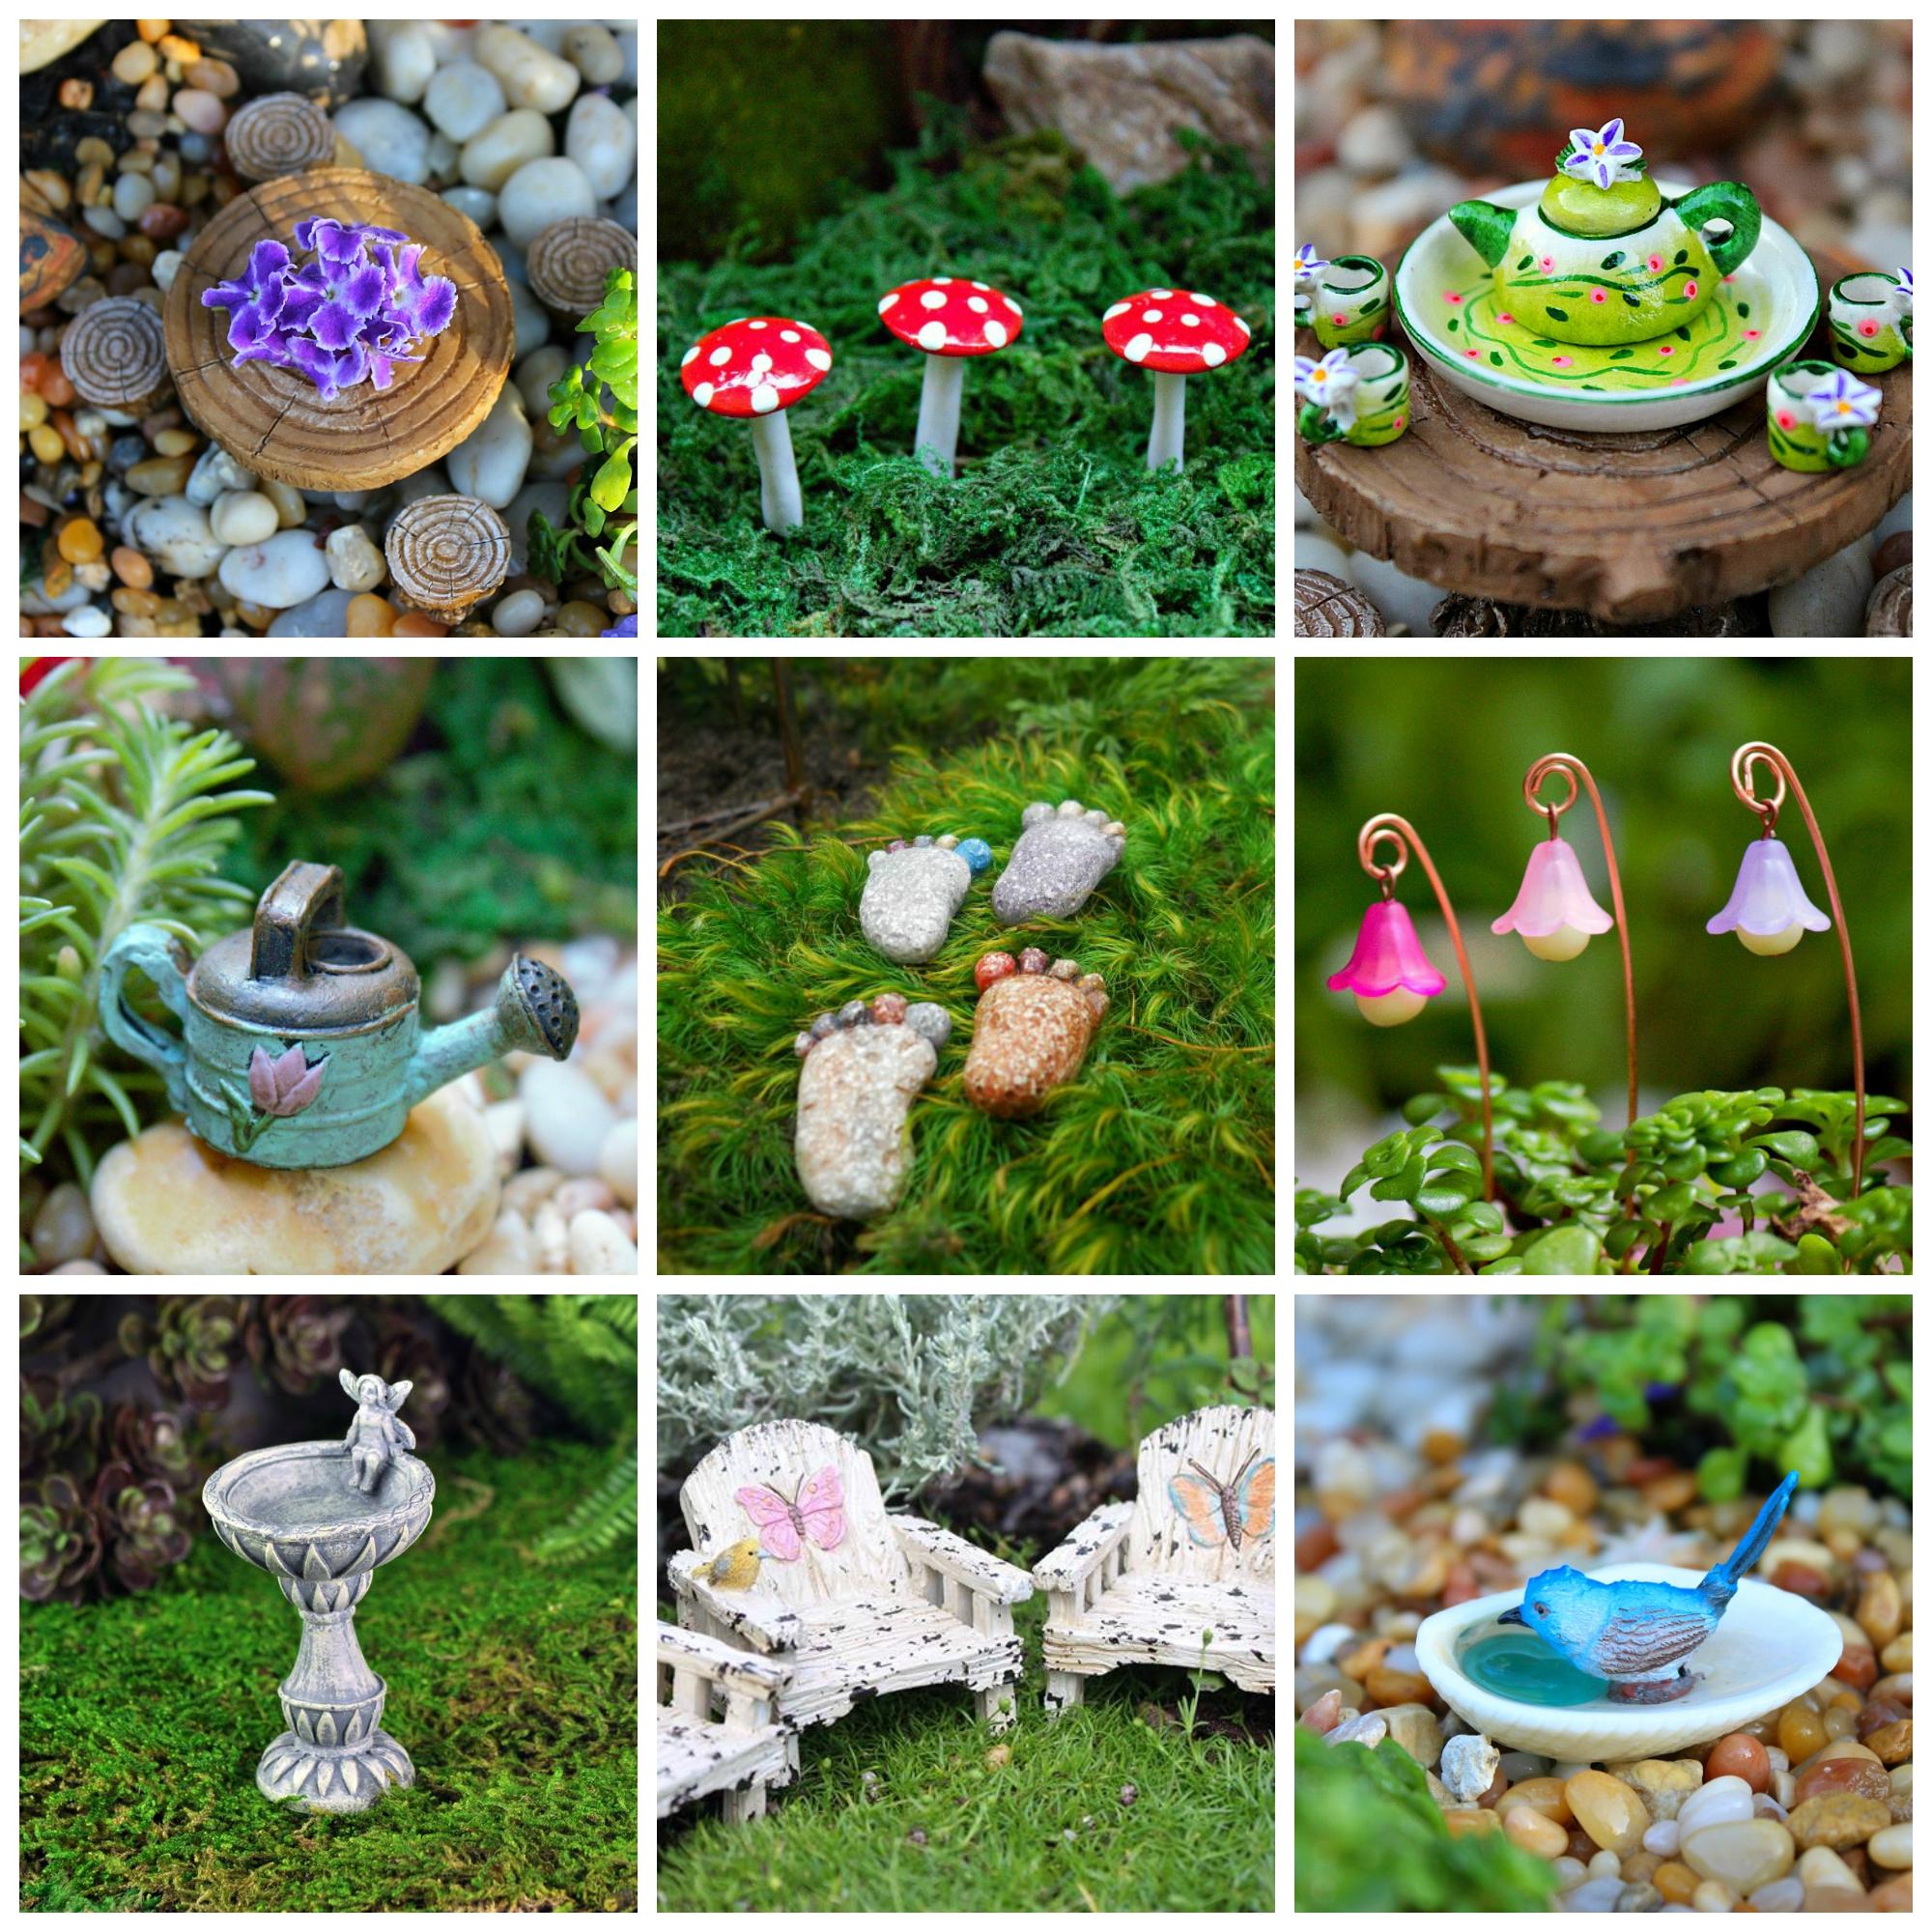 terrarium fairy garden accents - Fairy Garden Terrarium